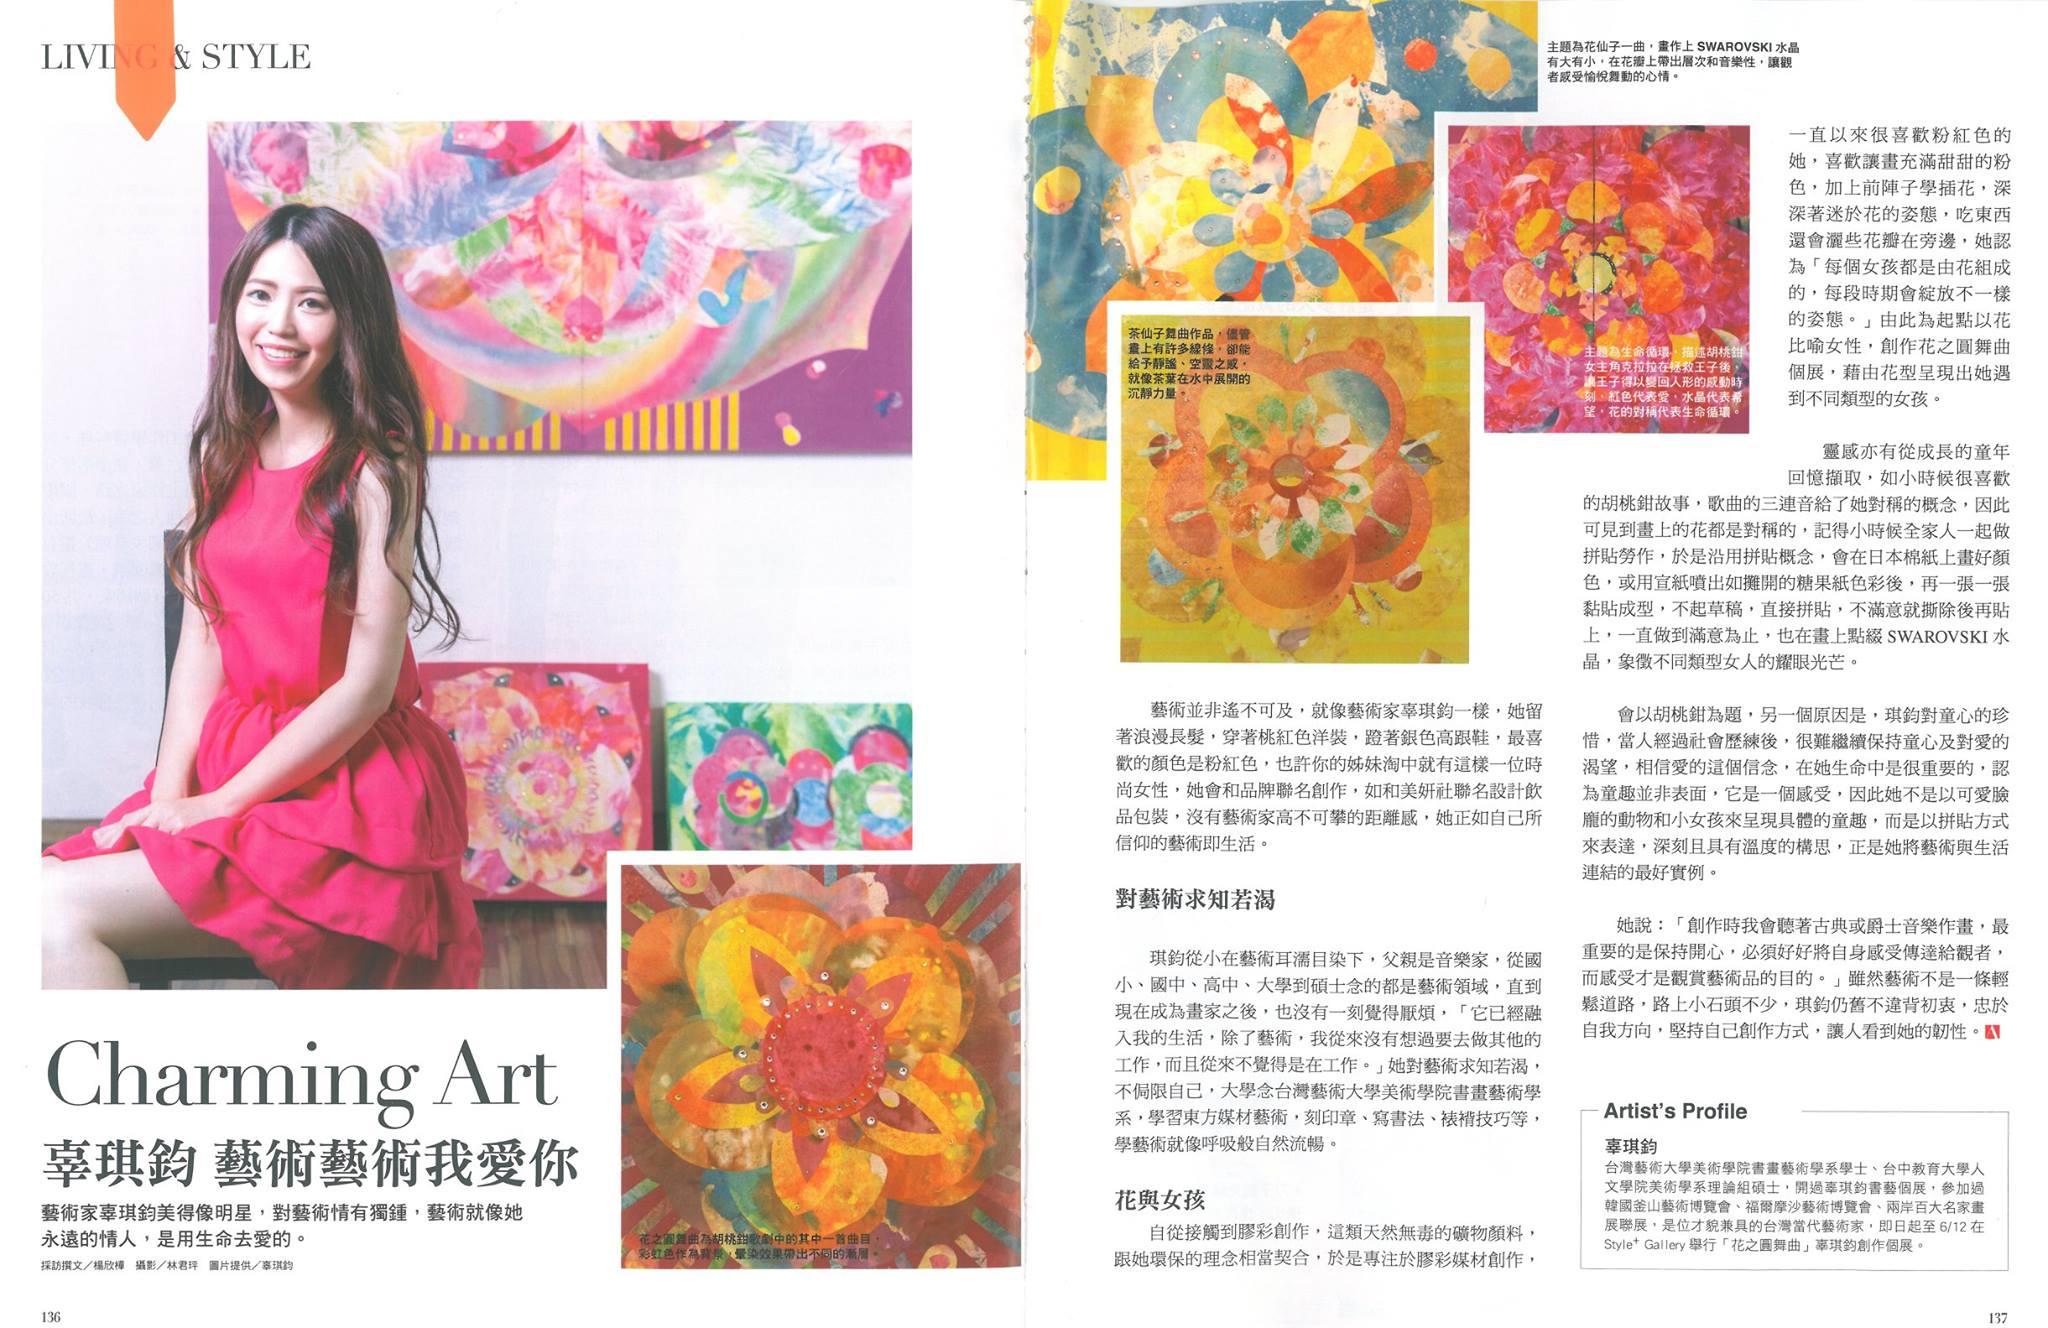 雜誌訪問藝術家